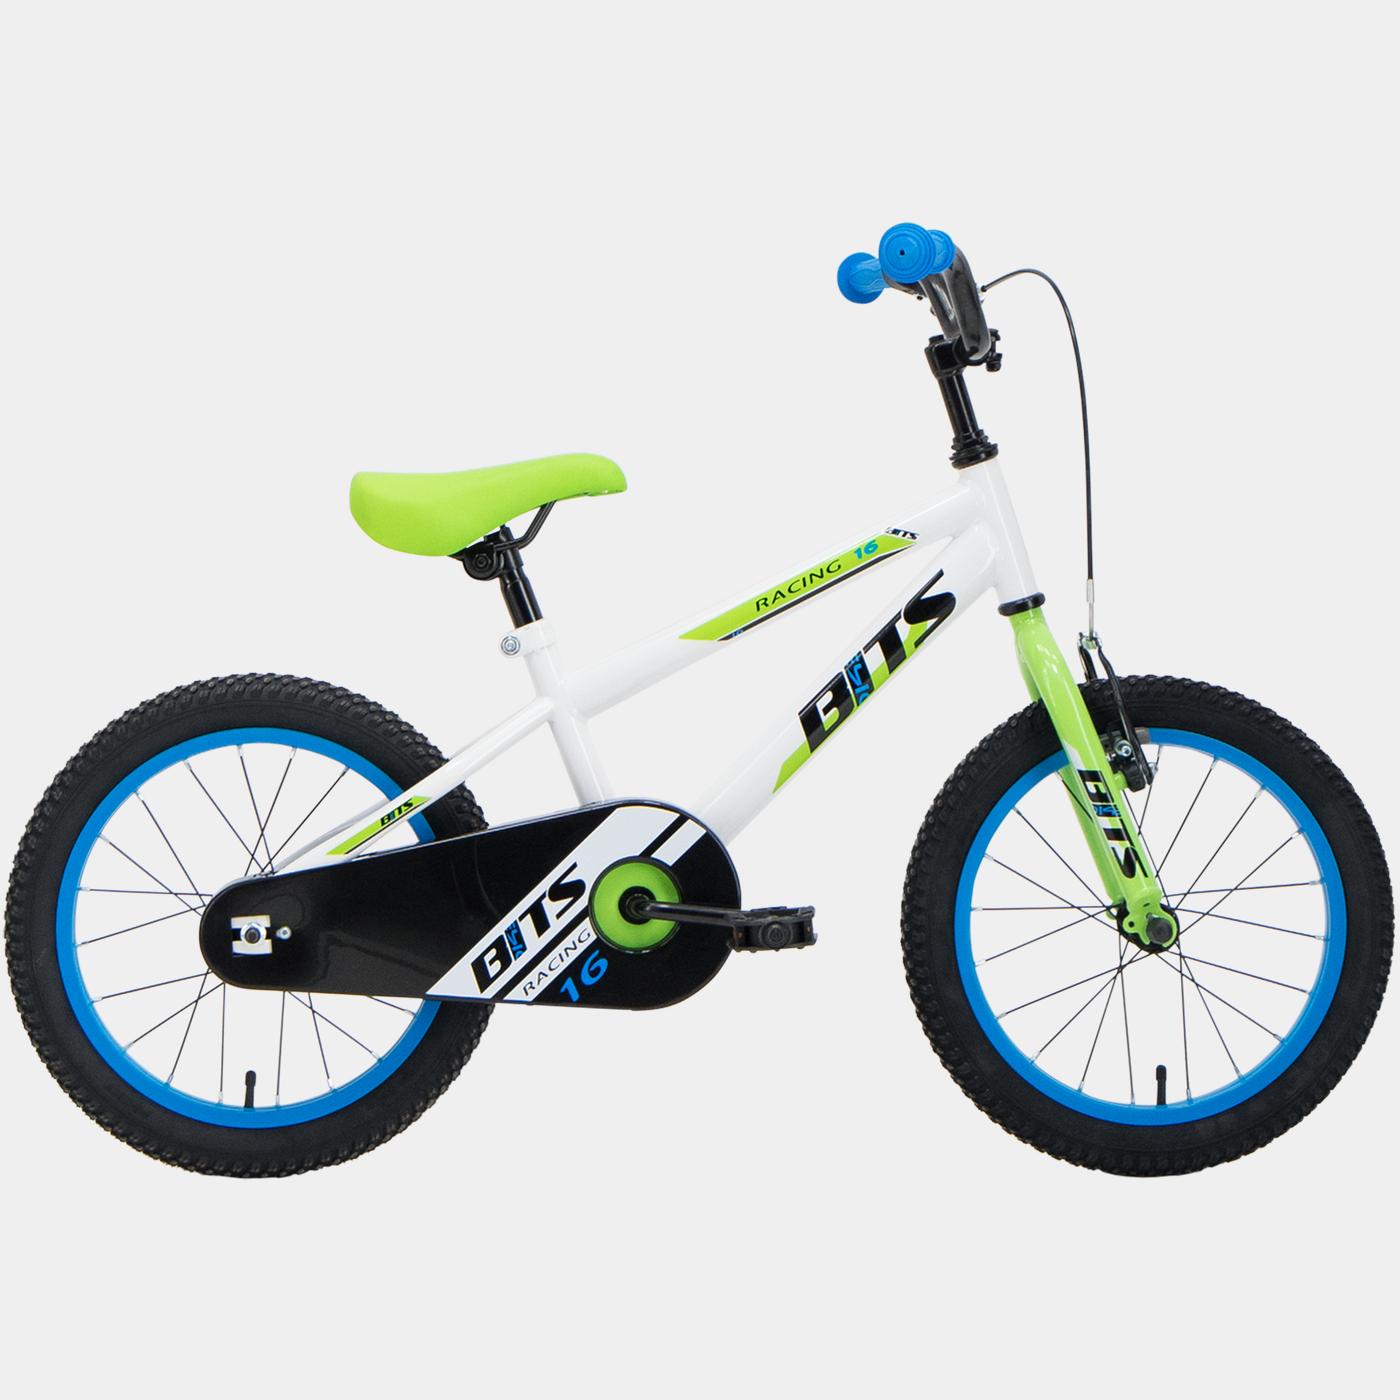 [XXLSports] -15% auf Kinderräder